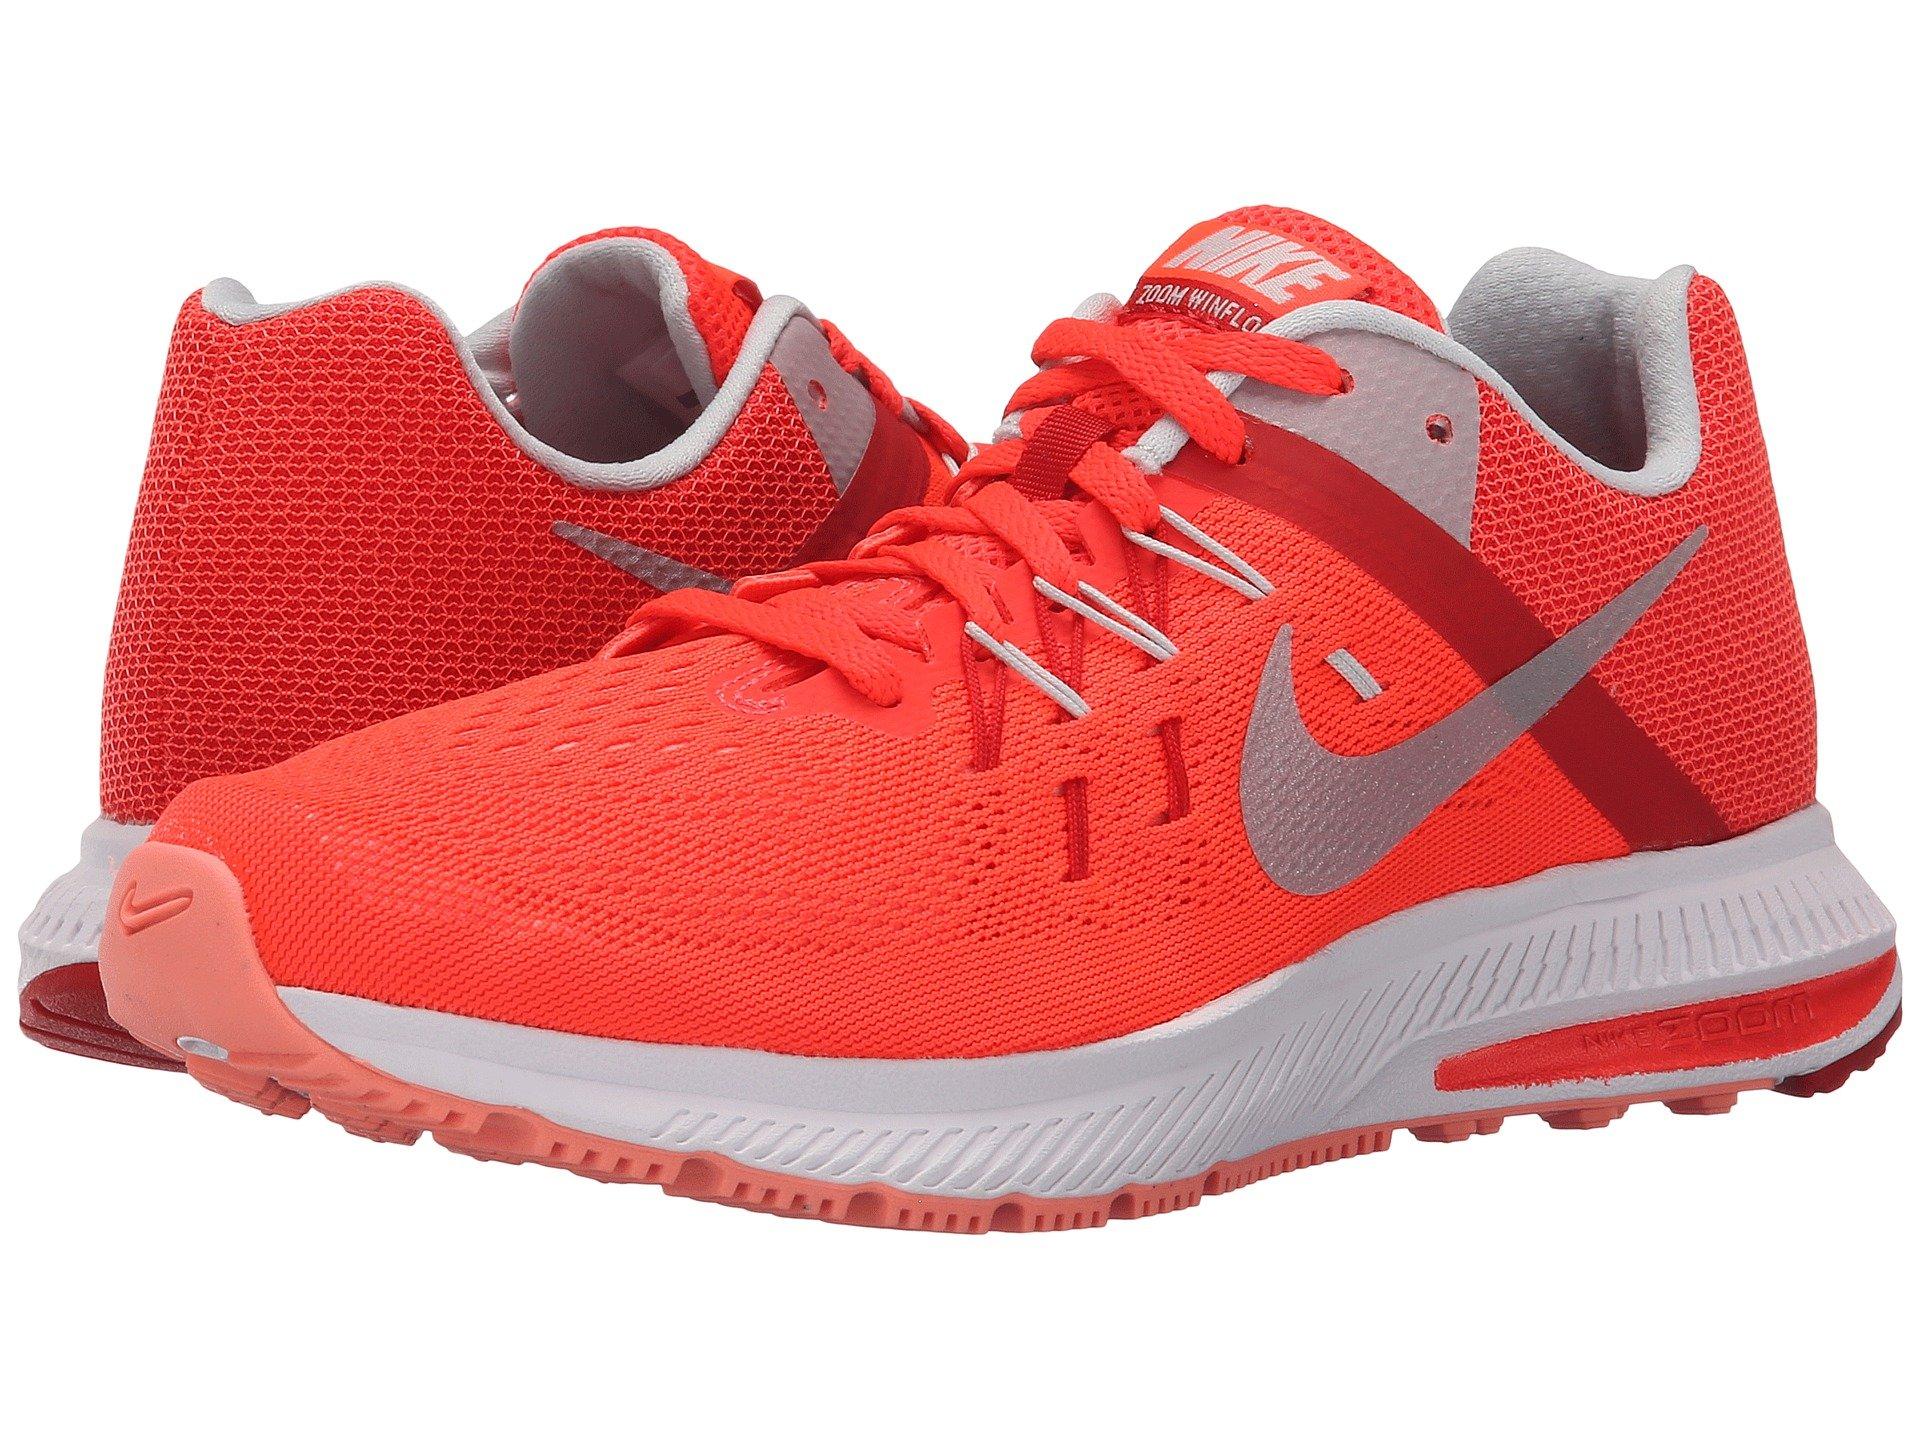 291a967ed8c2 Nike Zoom Winflo 2